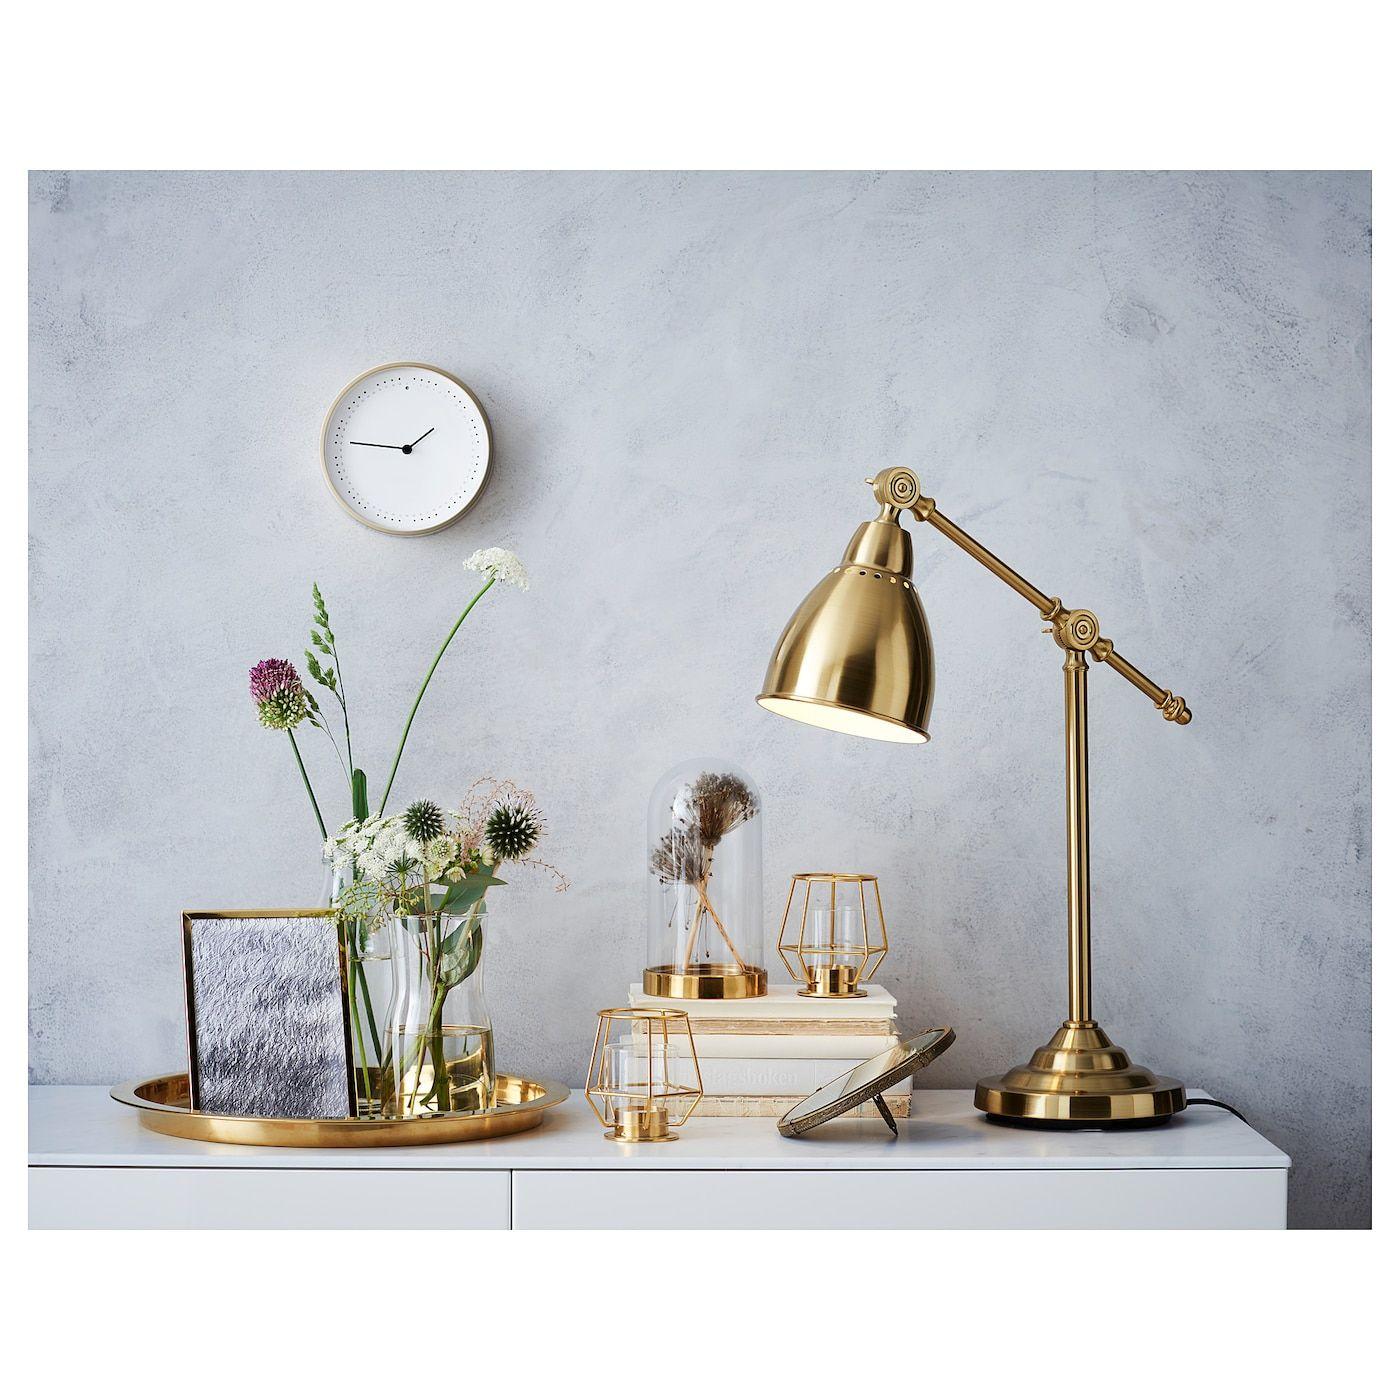 Parlband Tealight Holder 4 10 Cm Tea Light Holder Work Lamp Wall Clock Ikea